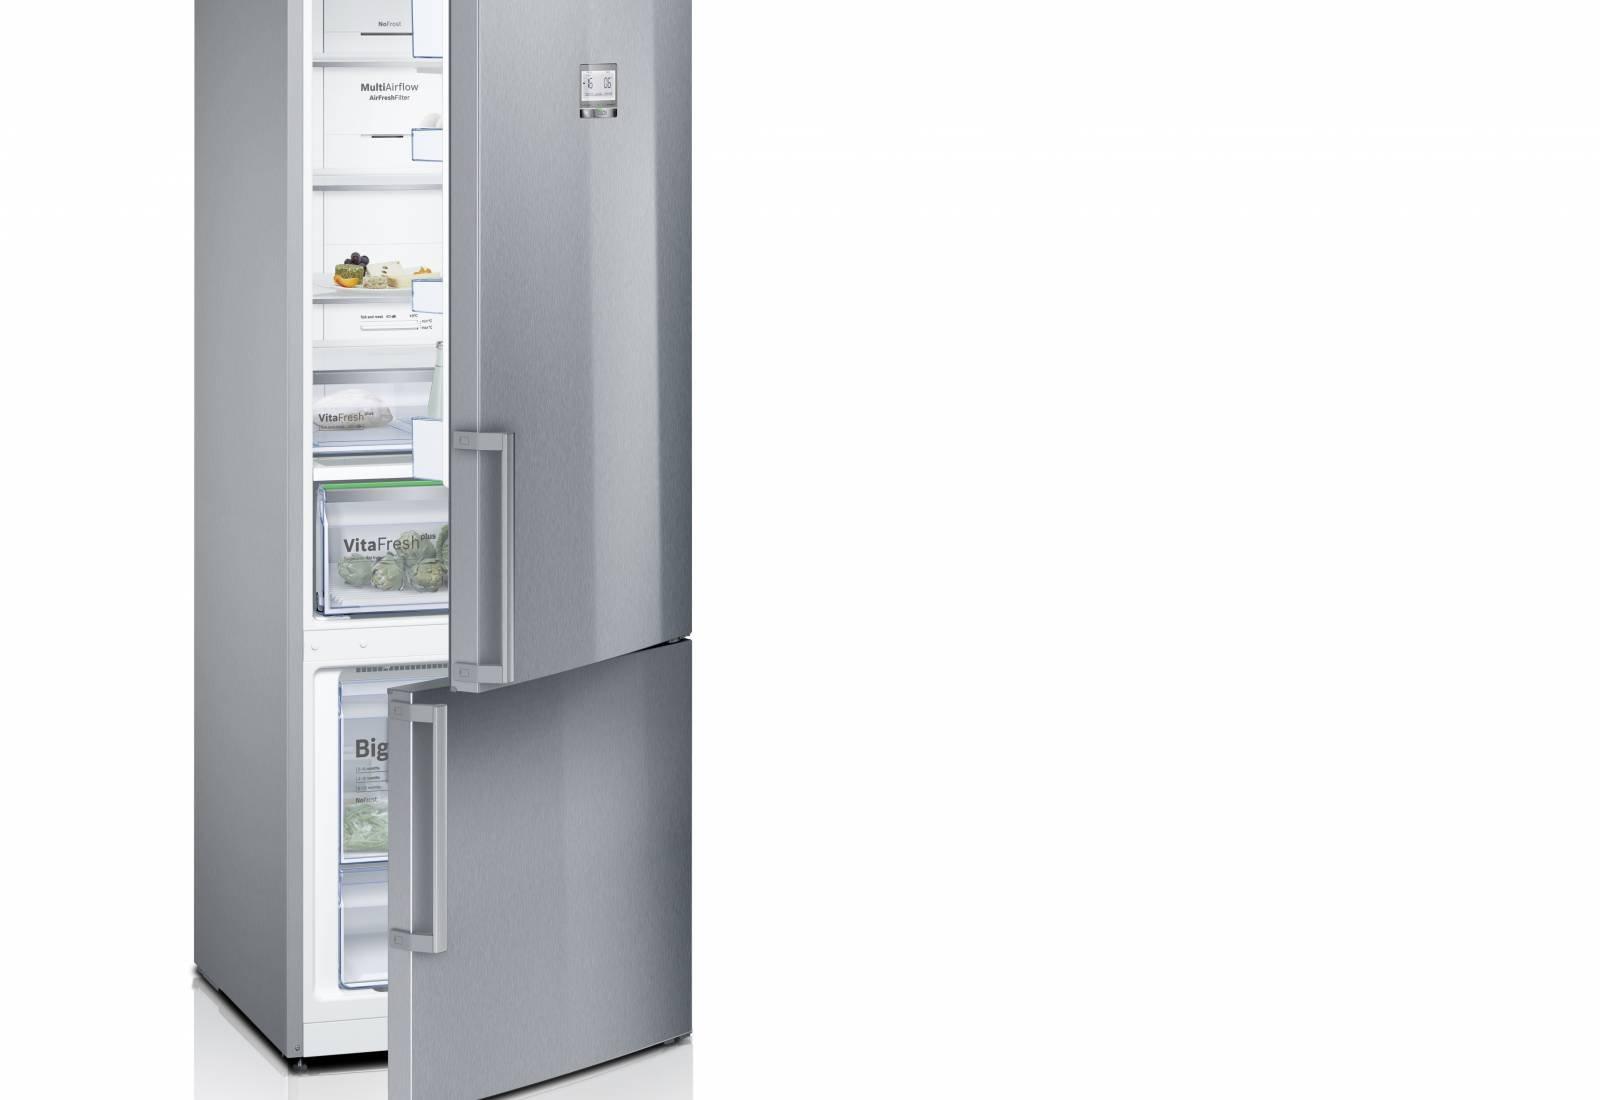 Immagine Siete sicuri che gli alimenti nel vostro frigorifero non siano andati in ferie? 1